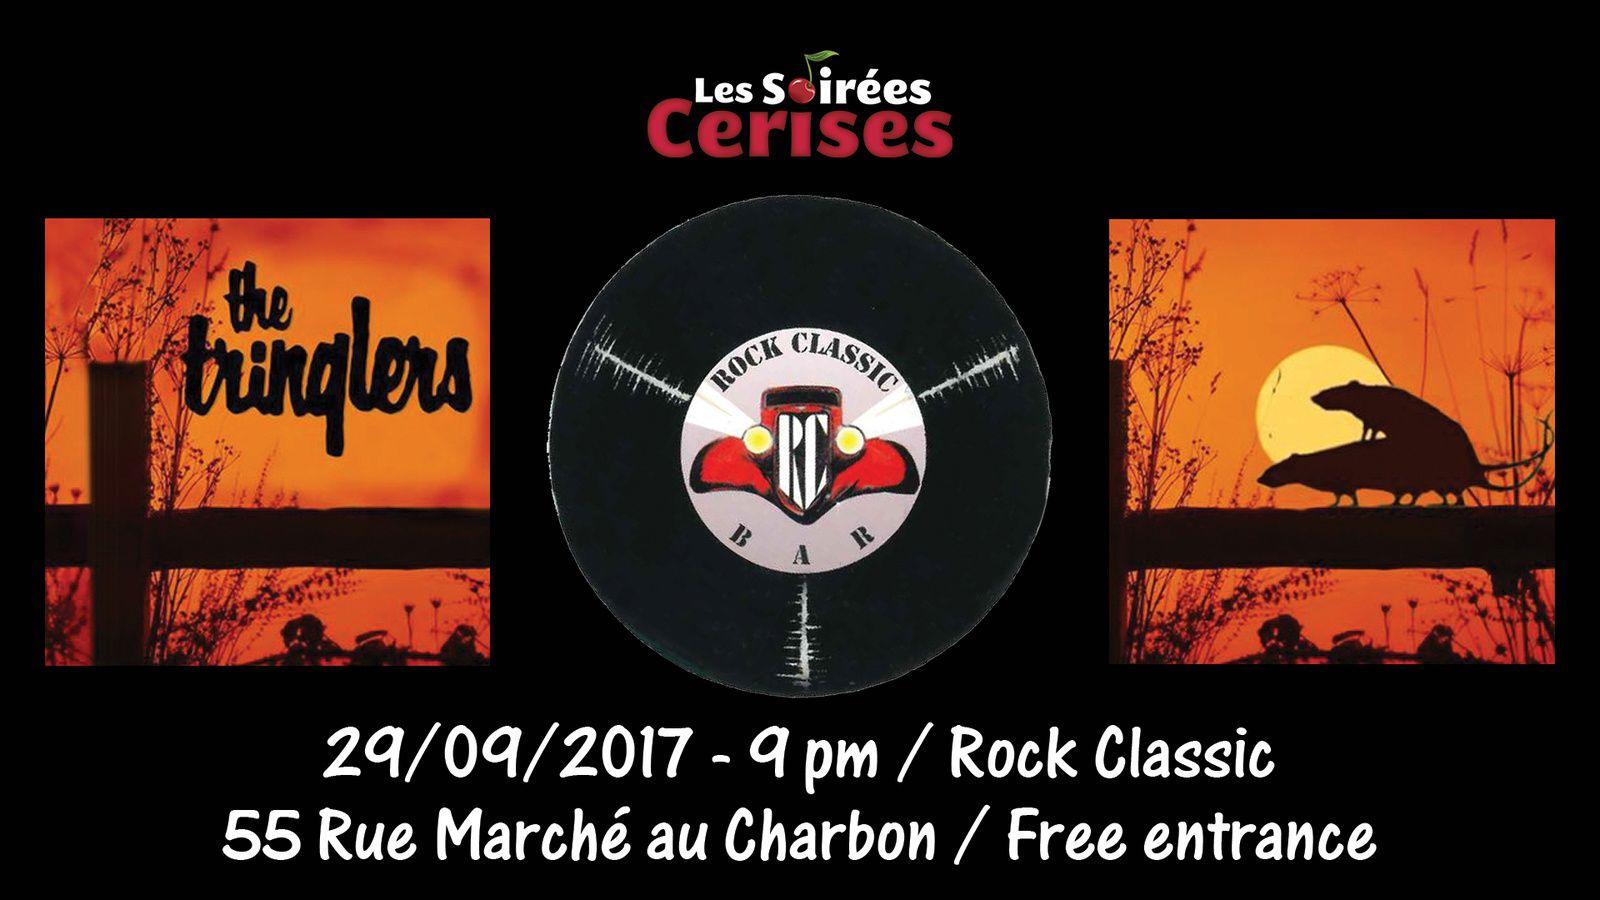 ▶ The Tringlers @ Rock Classic - 29/09/2017 - 21h00 - Entrée gratuite !